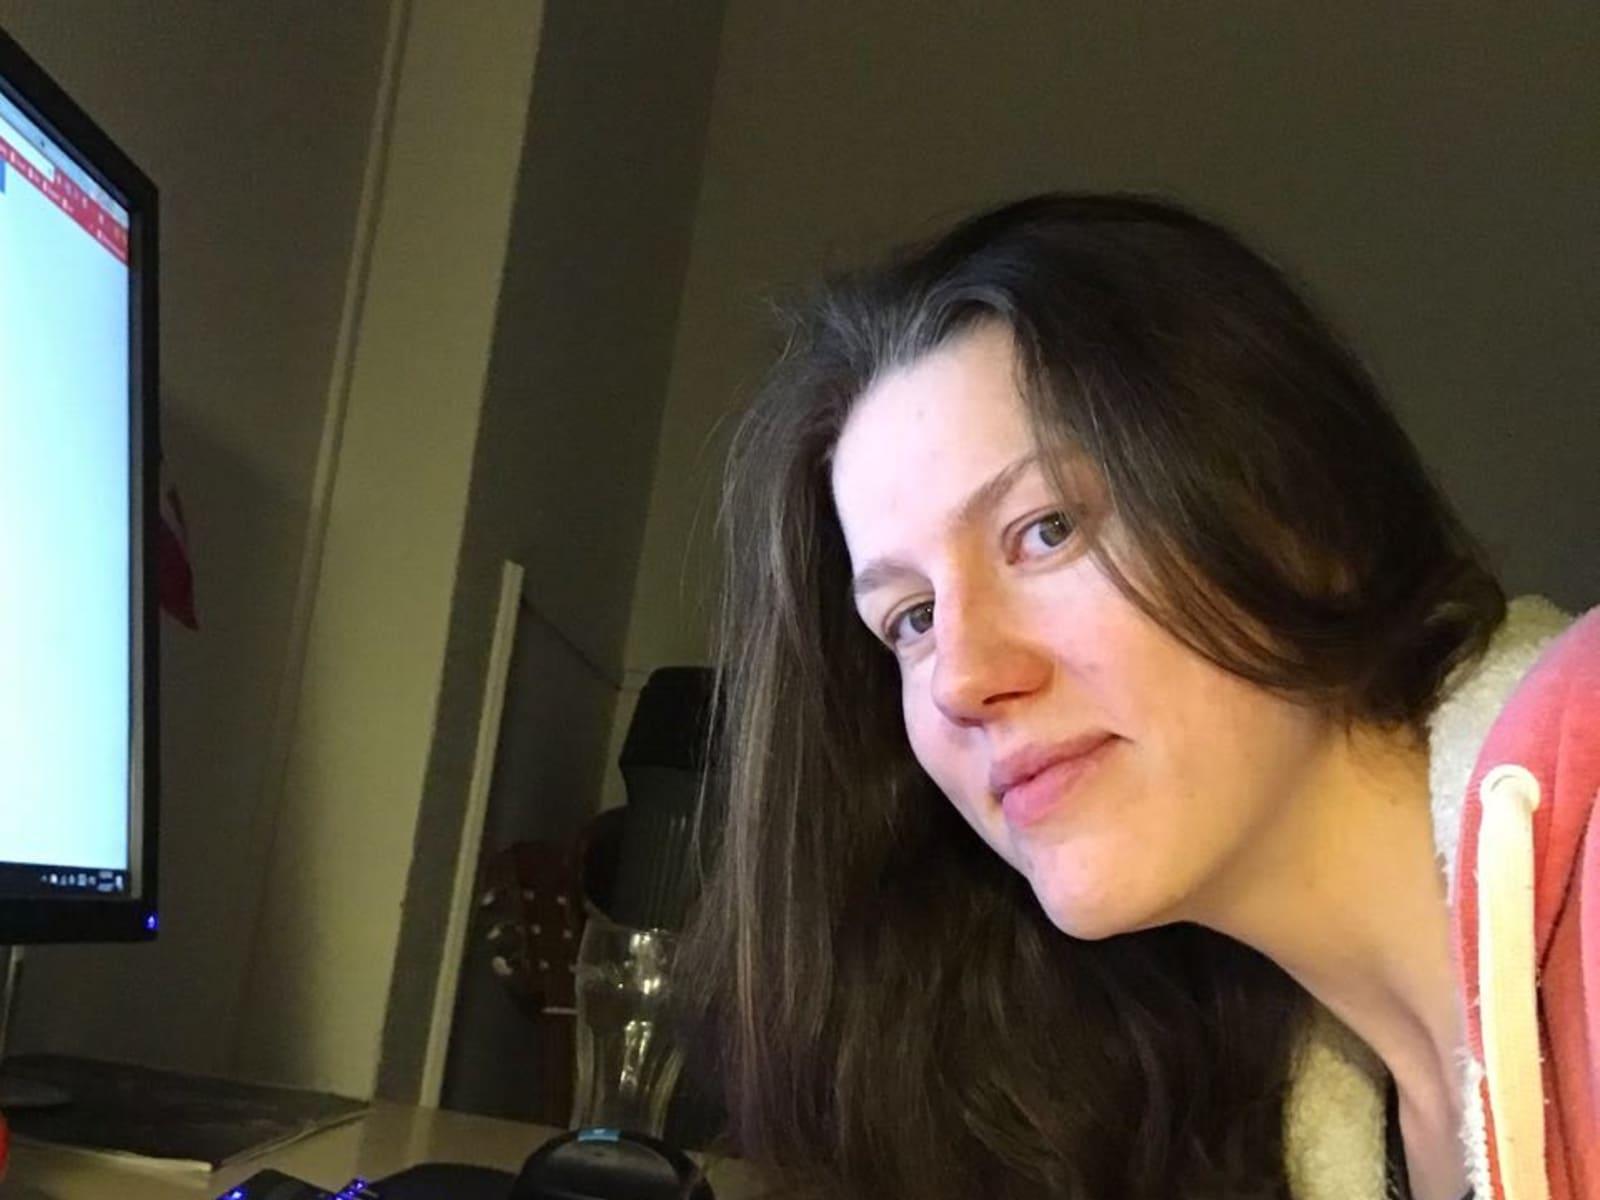 Kateryna from Copenhagen, Denmark